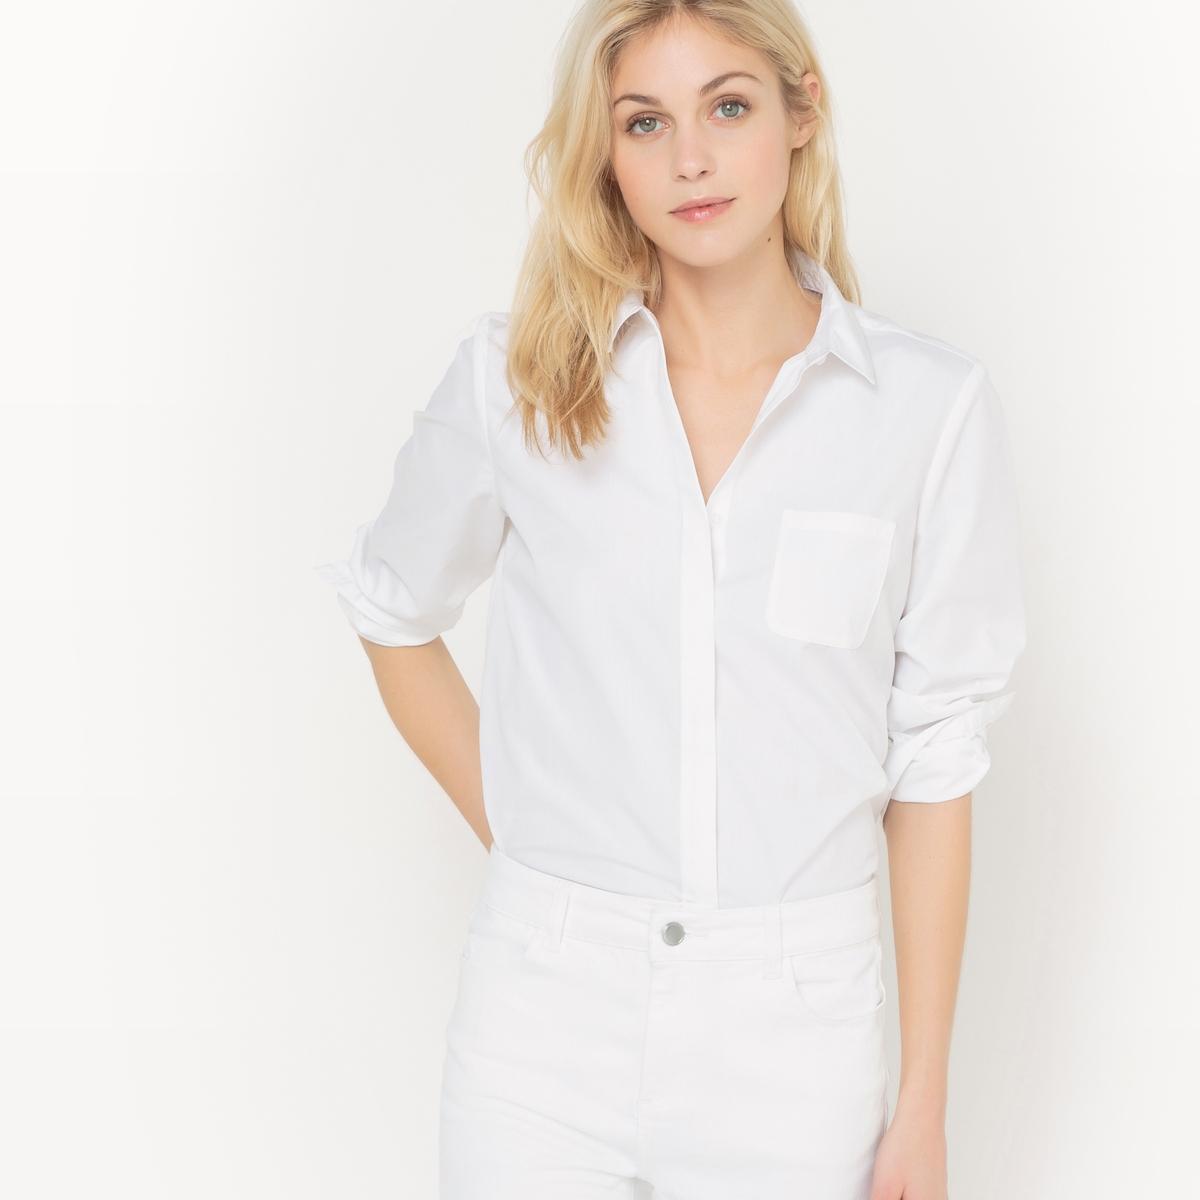 Рубашка прямого покроя из хлопкаДетали  •  Длинные рукава • Покрой прямой •  Рубашечный воротник-полоСостав и уход •  69% хлопка, 3% эластана, 28% полиамида •  Стирать при температуре 30° •  Сухая чистка и отбеливание запрещены   •  Не использовать барабанную сушку  •  Гладить при низкой температуре<br><br>Цвет: белый<br>Размер: 34 (FR) - 40 (RUS).36 (FR) - 42 (RUS).42 (FR) - 48 (RUS).50 (FR) - 56 (RUS)